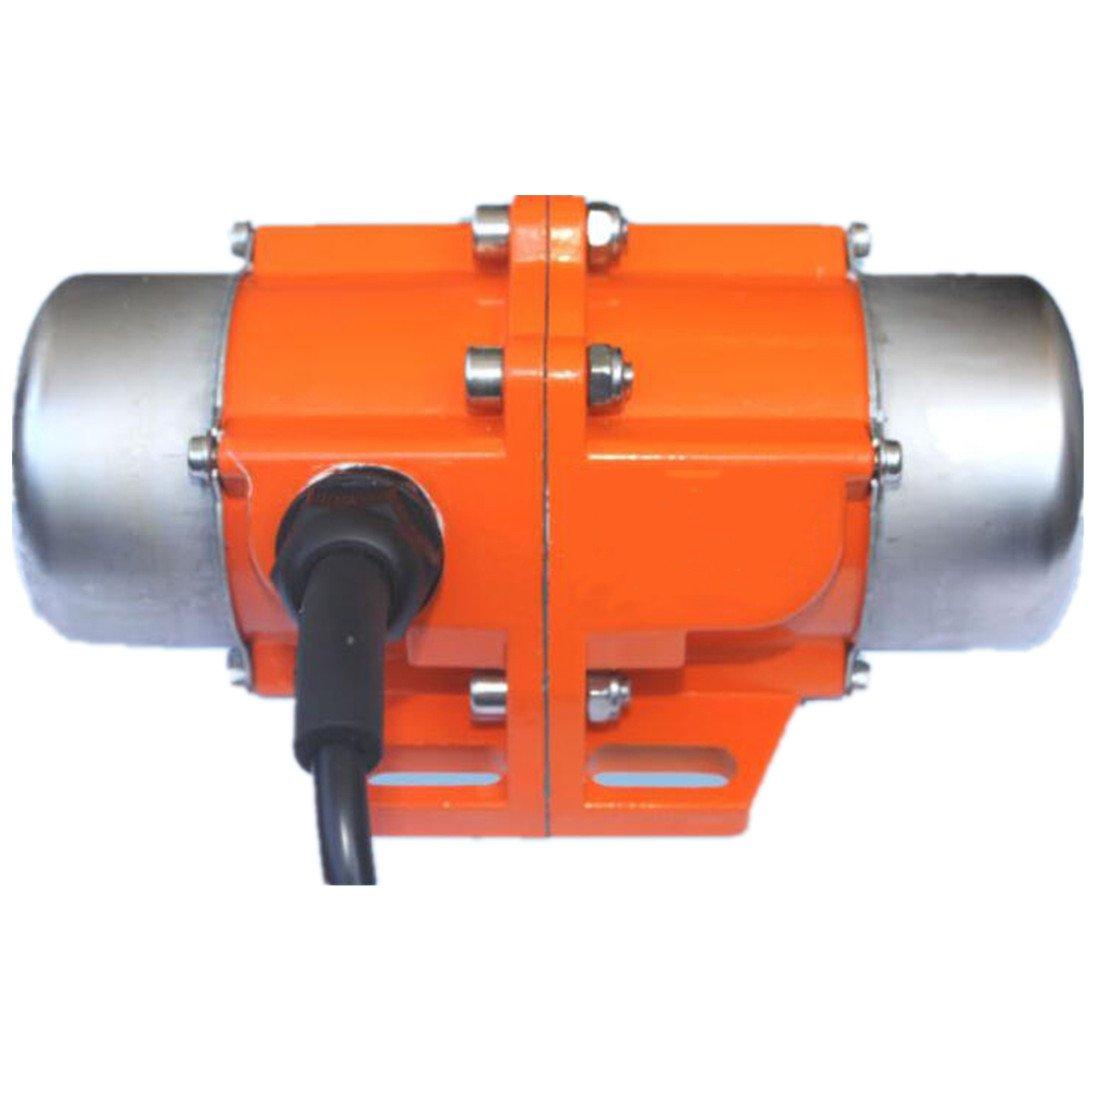 Concrete Vibrator Vibration Motor AC220V Aluminum Alloy Vibrating Vibrator Motor 3600rpm (80W)